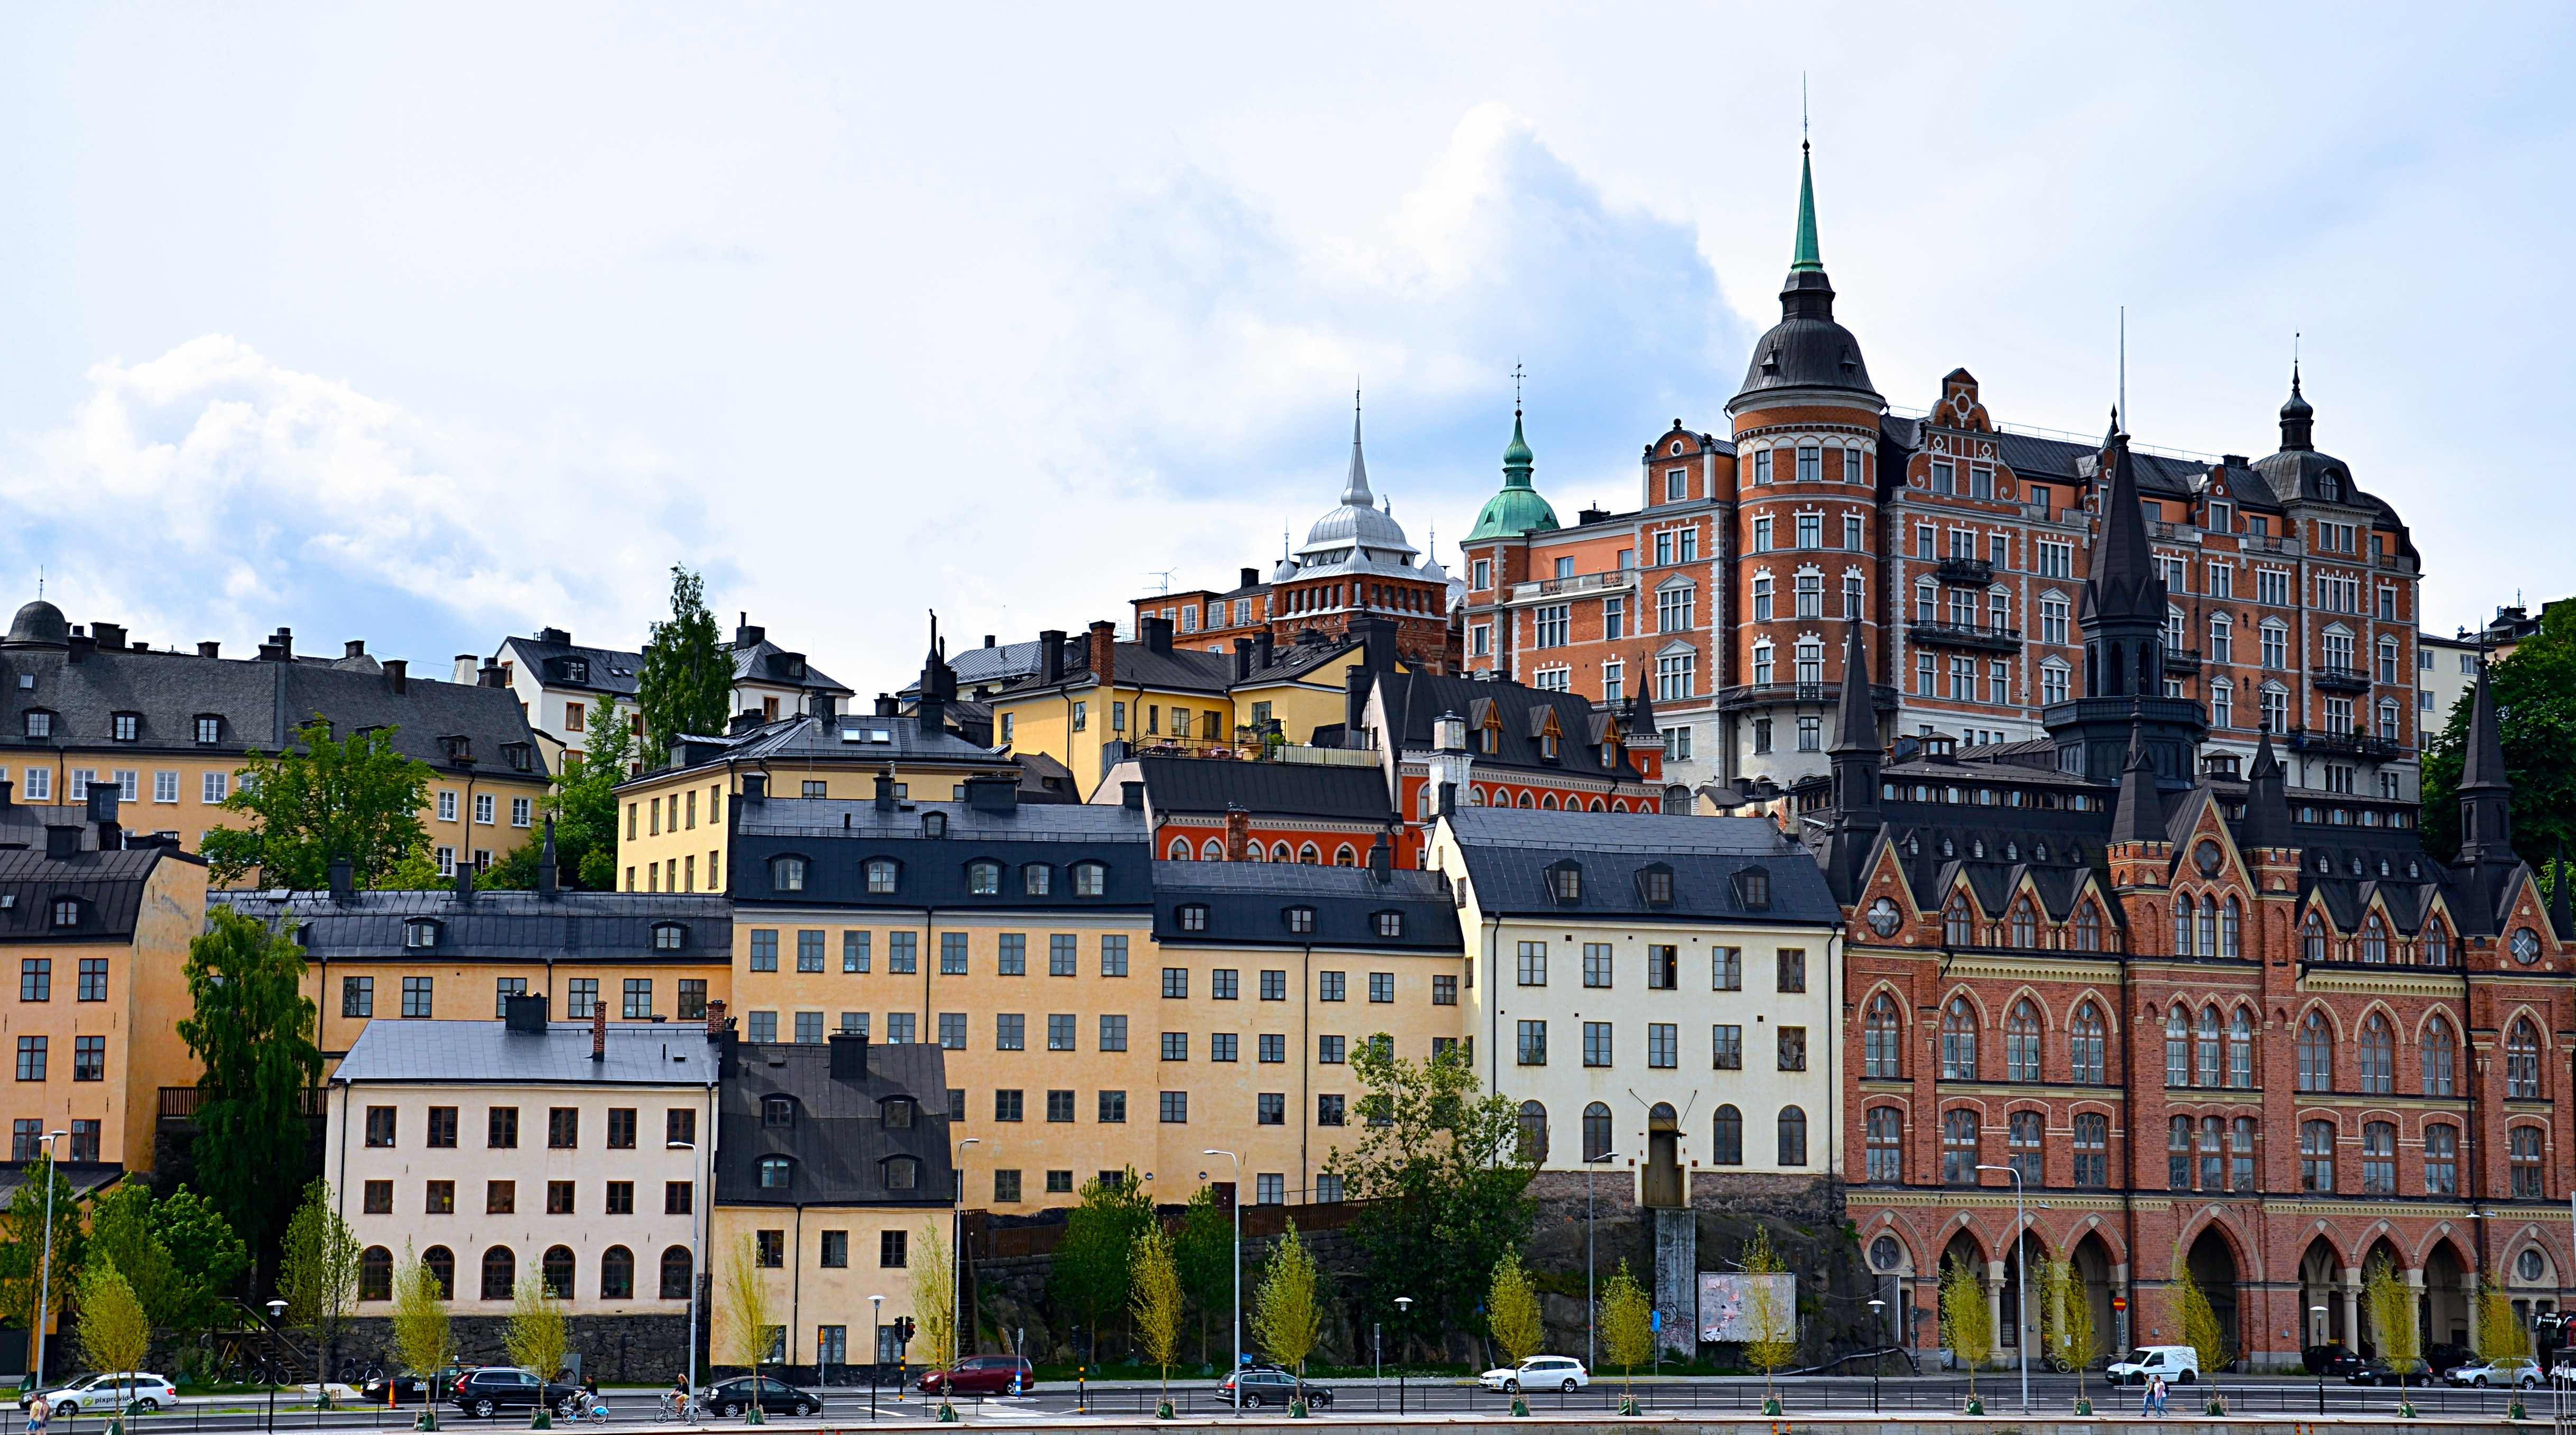 """<p style=""""text-align: left;"""">Human Capital grundades 2006 och är en stark aktör i rekryteringsbranschen med tydlig en tydlig nisch på interims- och rekryteringslösningar inom redovisning, controlling samt bank & försäkring. Vi har fokus på Stockholmsmarknaden och består idag av 10 personer med bakgrund inom ekonomi och som personalvetare.</p>"""